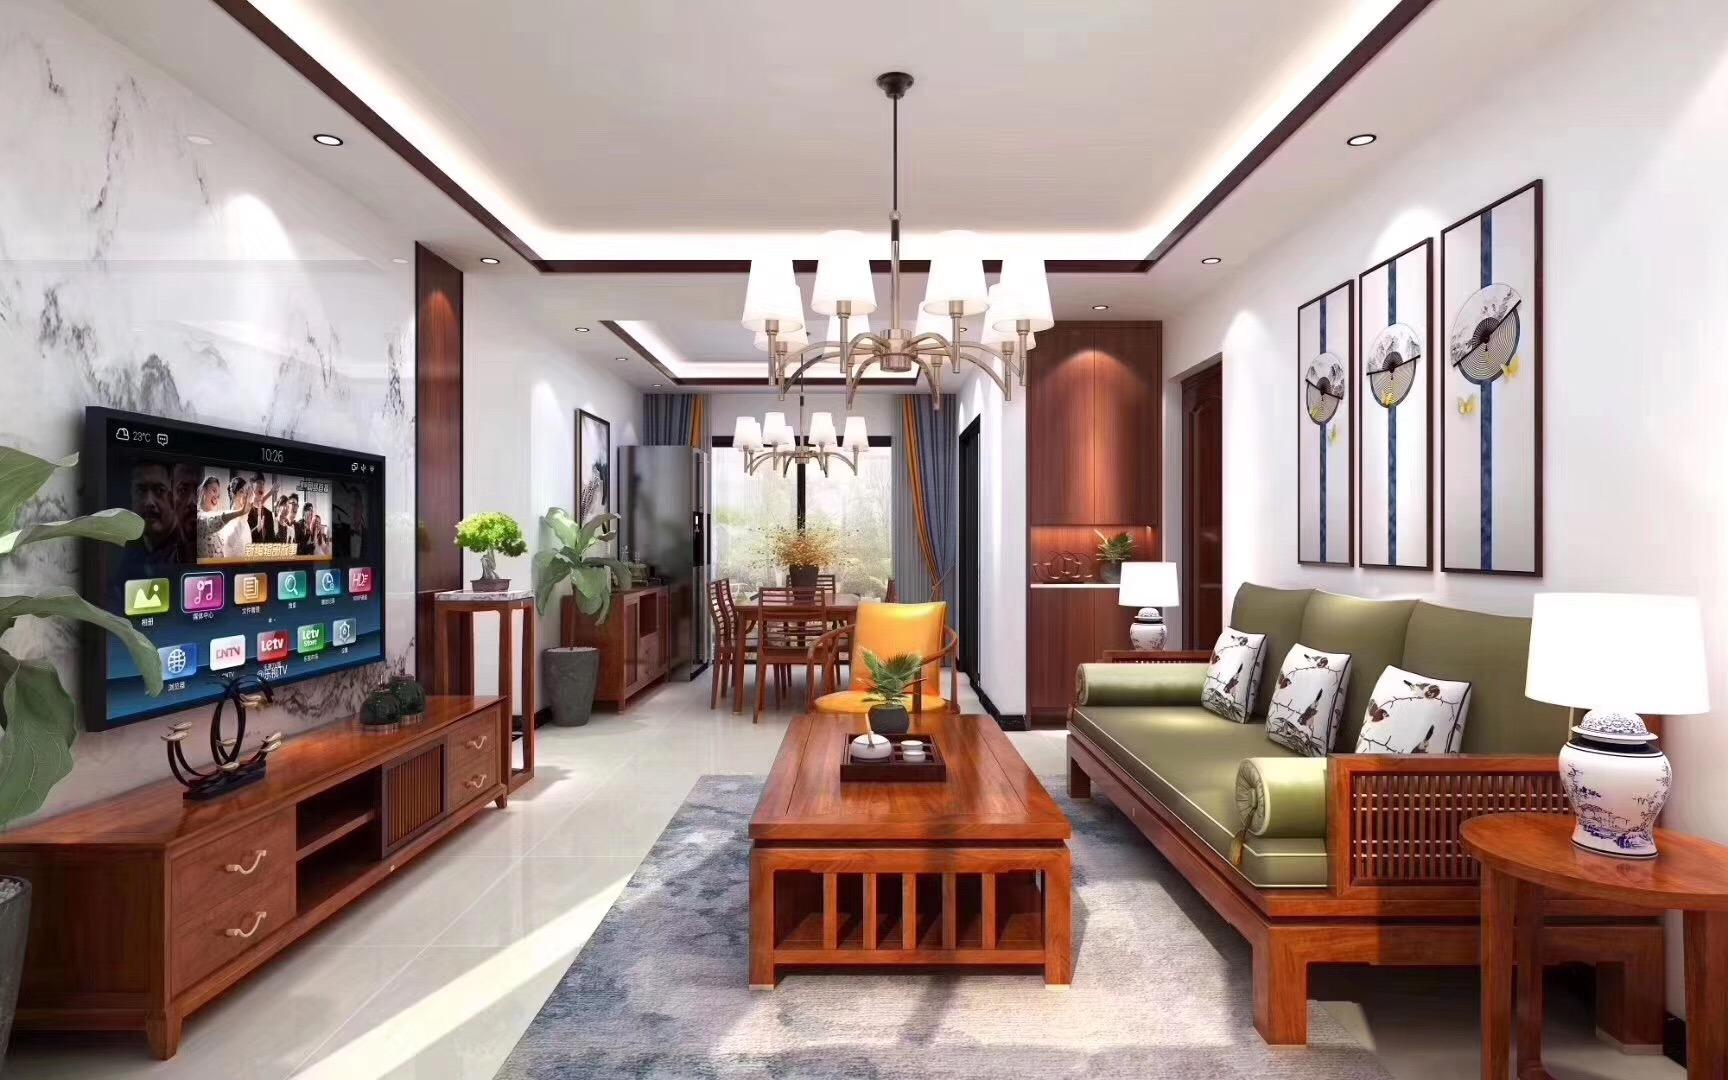 新中式|领略传统之美,打造舒适之居